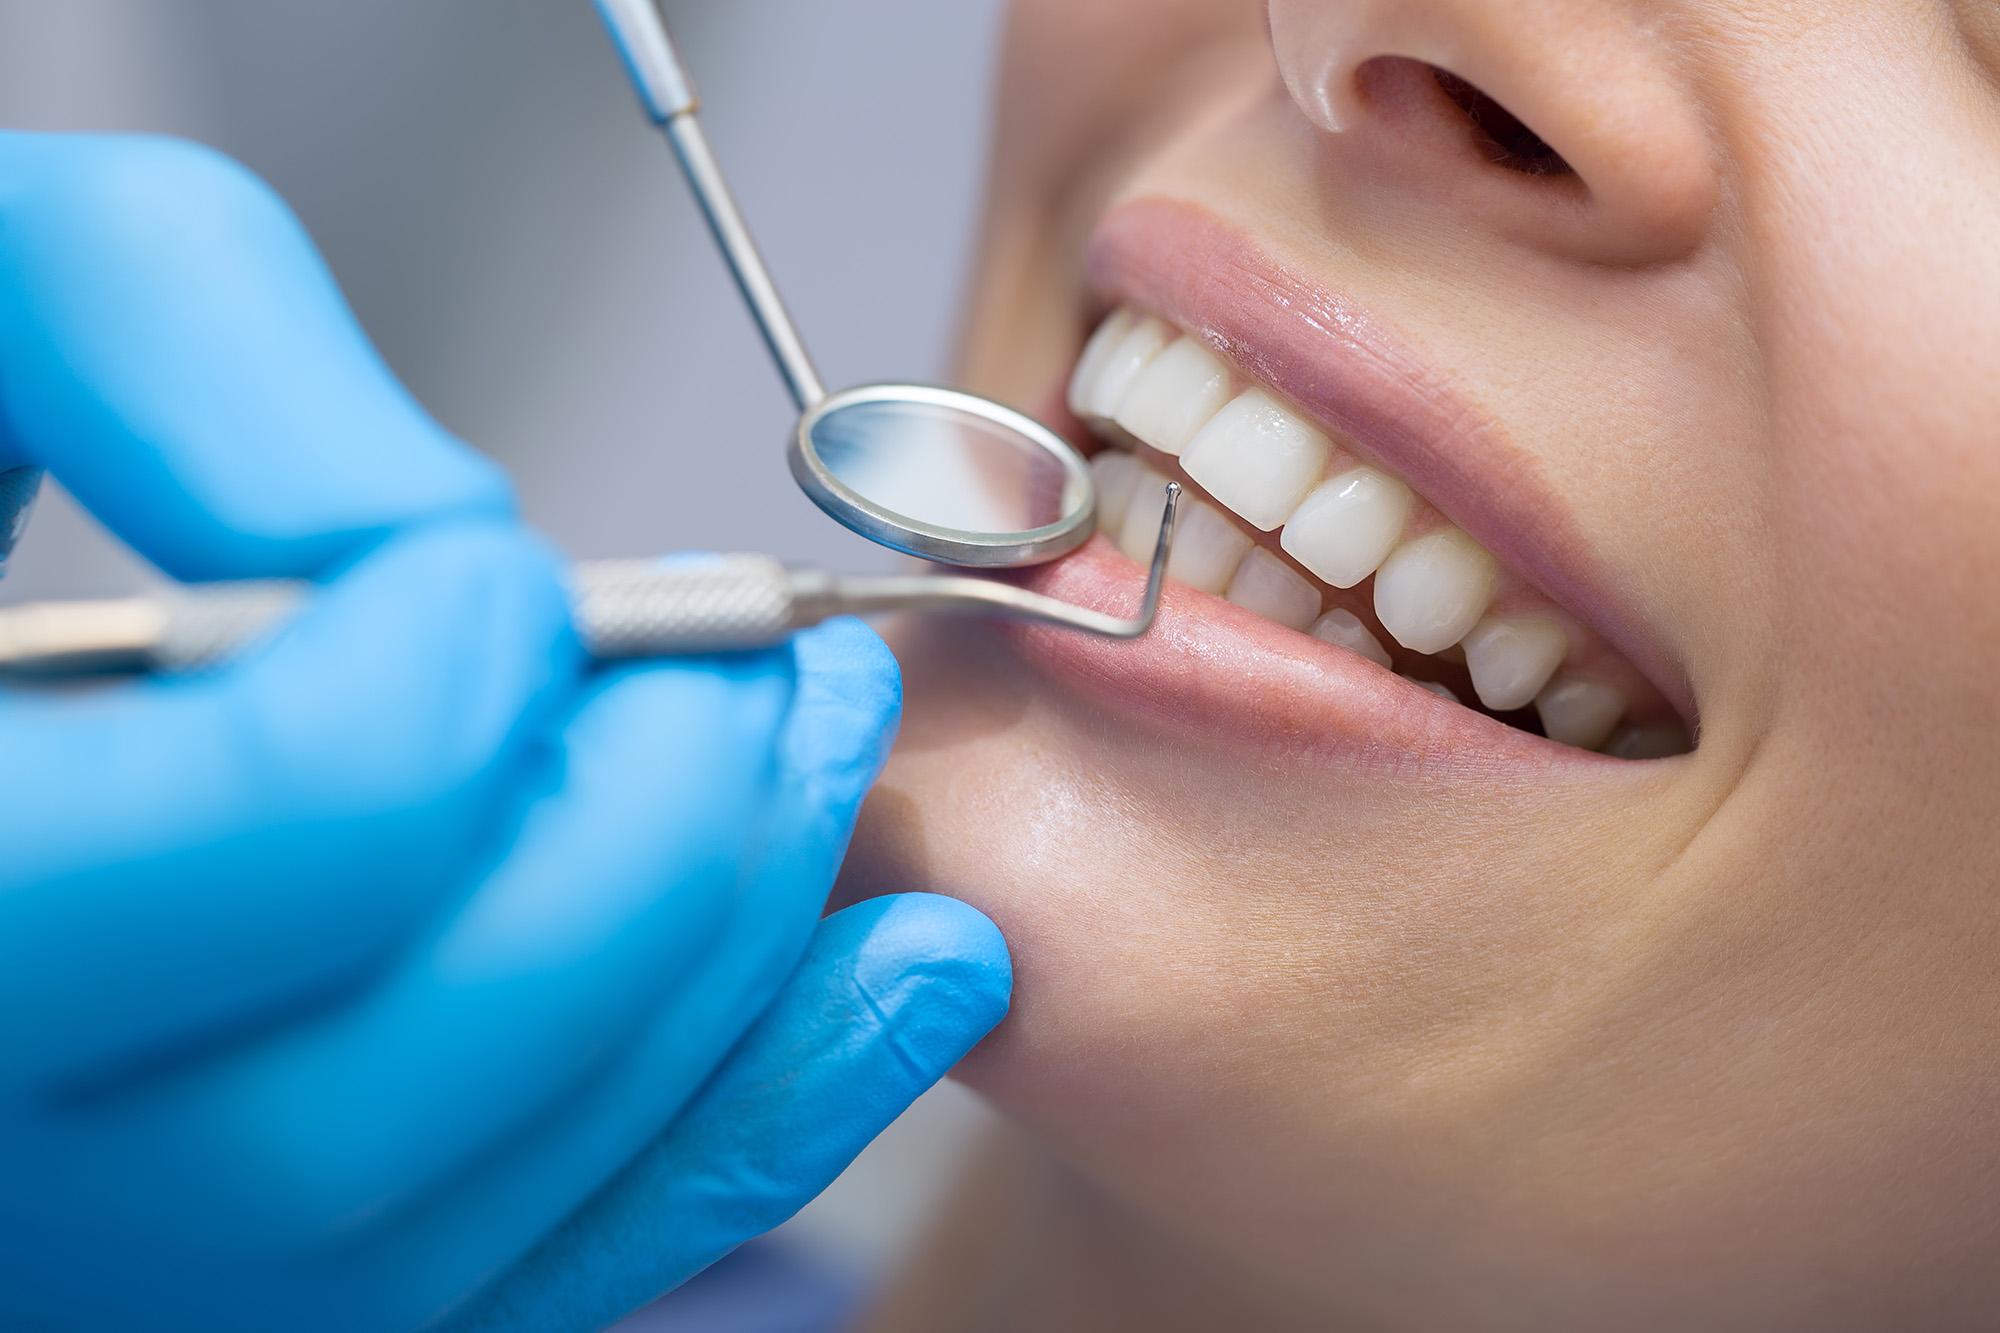 kodėl keičiasi dantų spalva